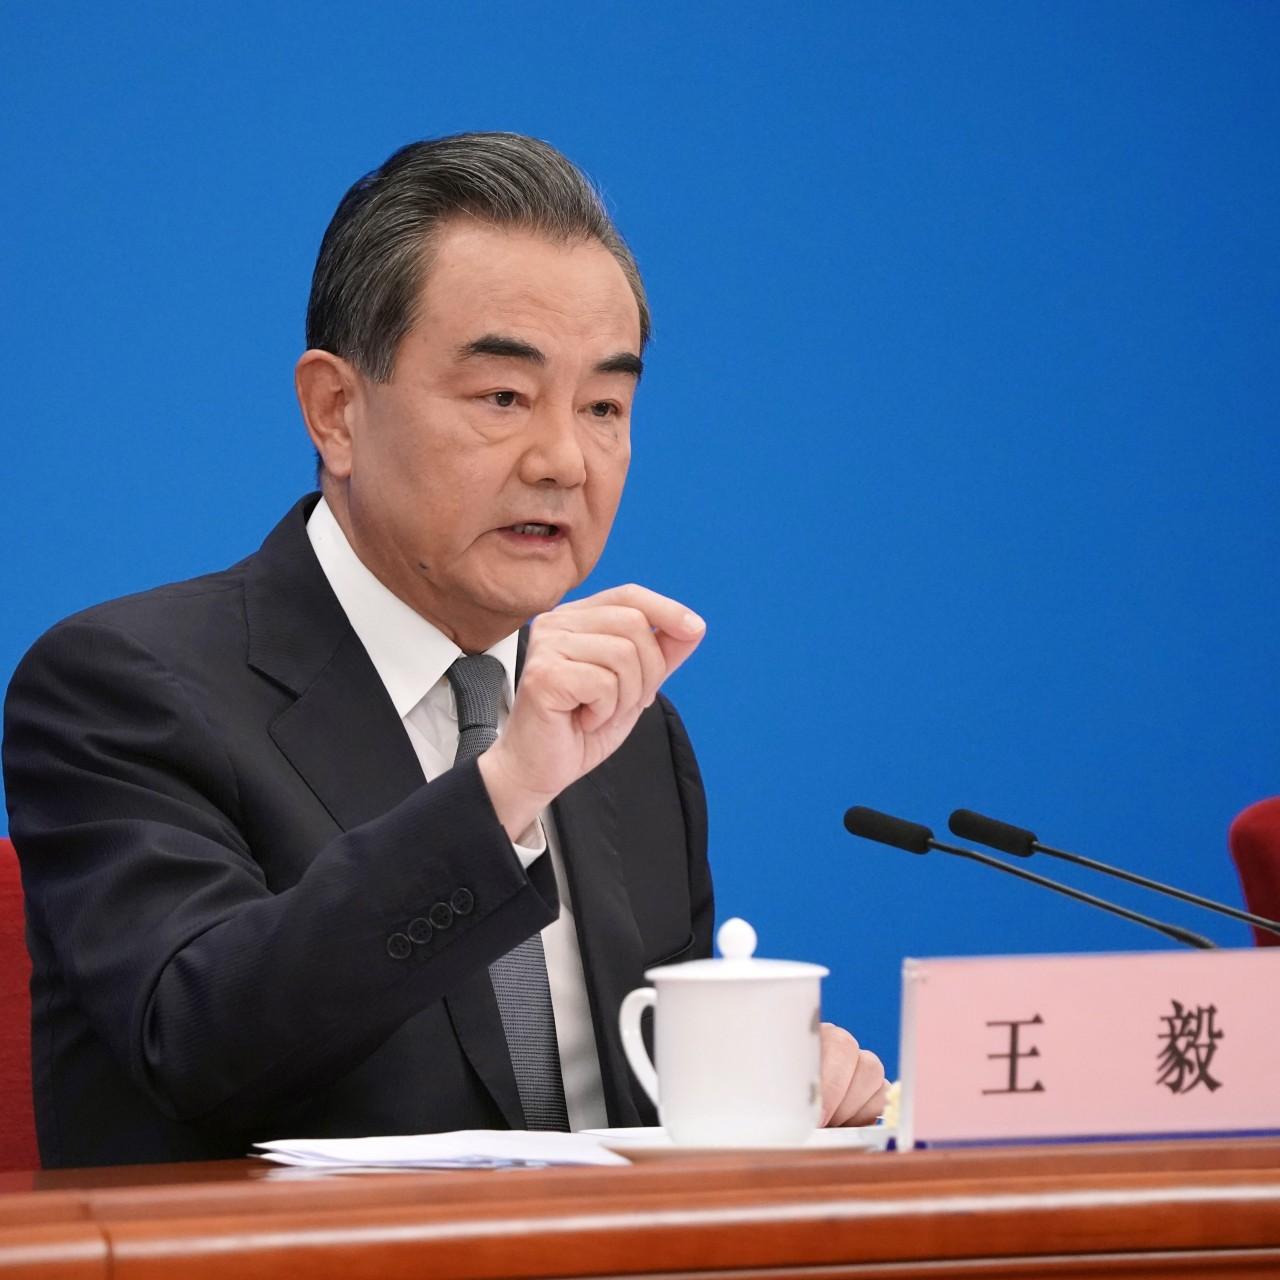 अमरीका और चीन नये 'कोल्ड़ वॉर' की दहलीज़ पर – चीन के विदेशमंत्री की चेतावनी